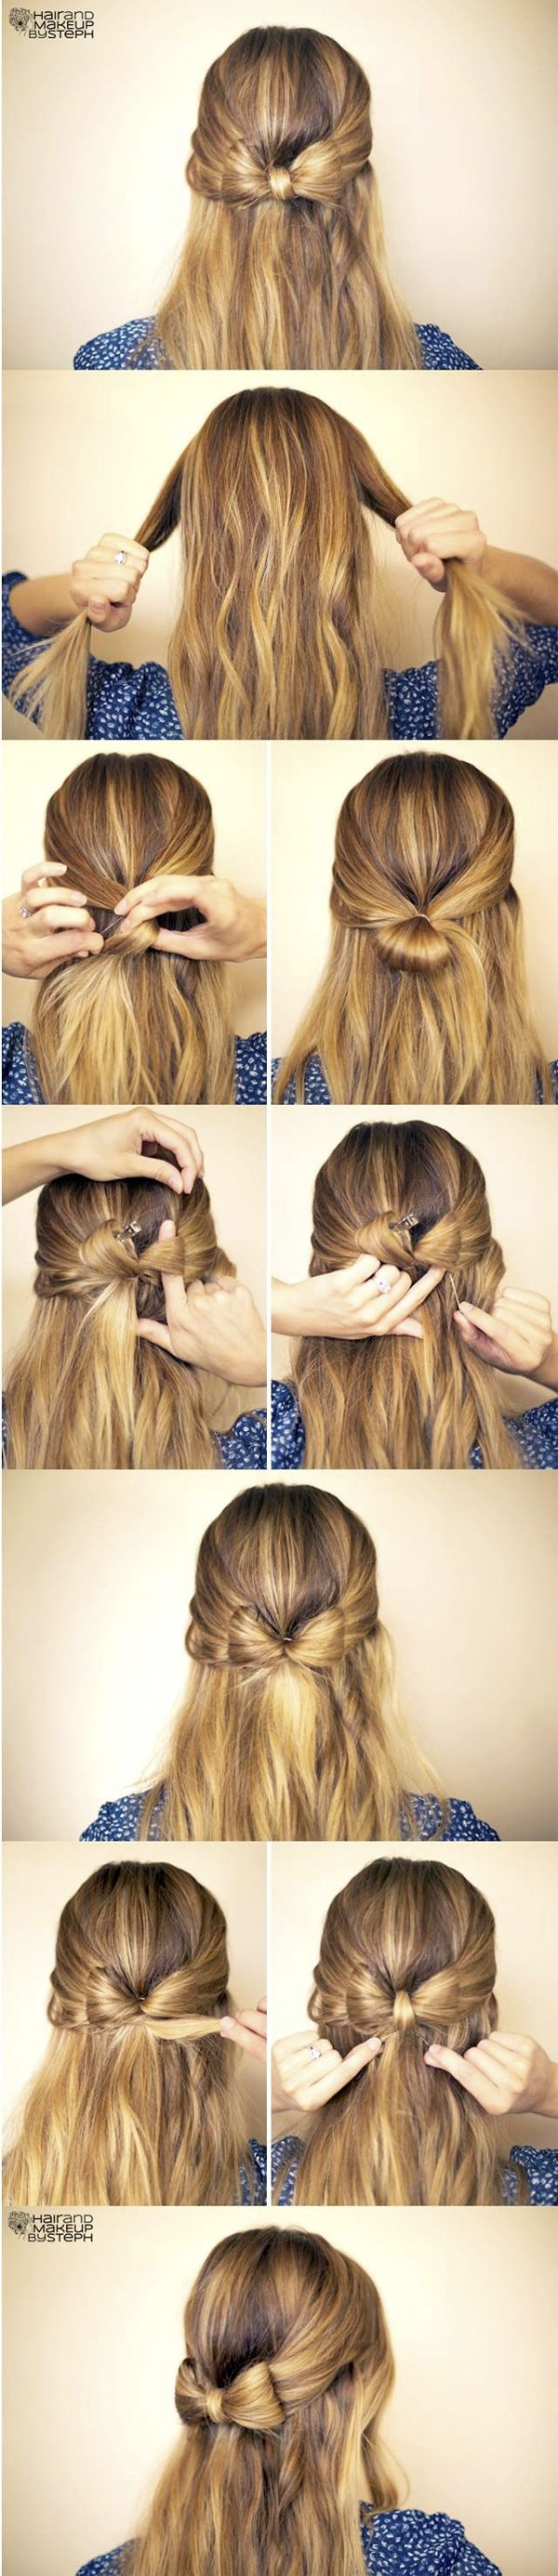 Pin by amy haubein on christmas hair pinterest hair style hair